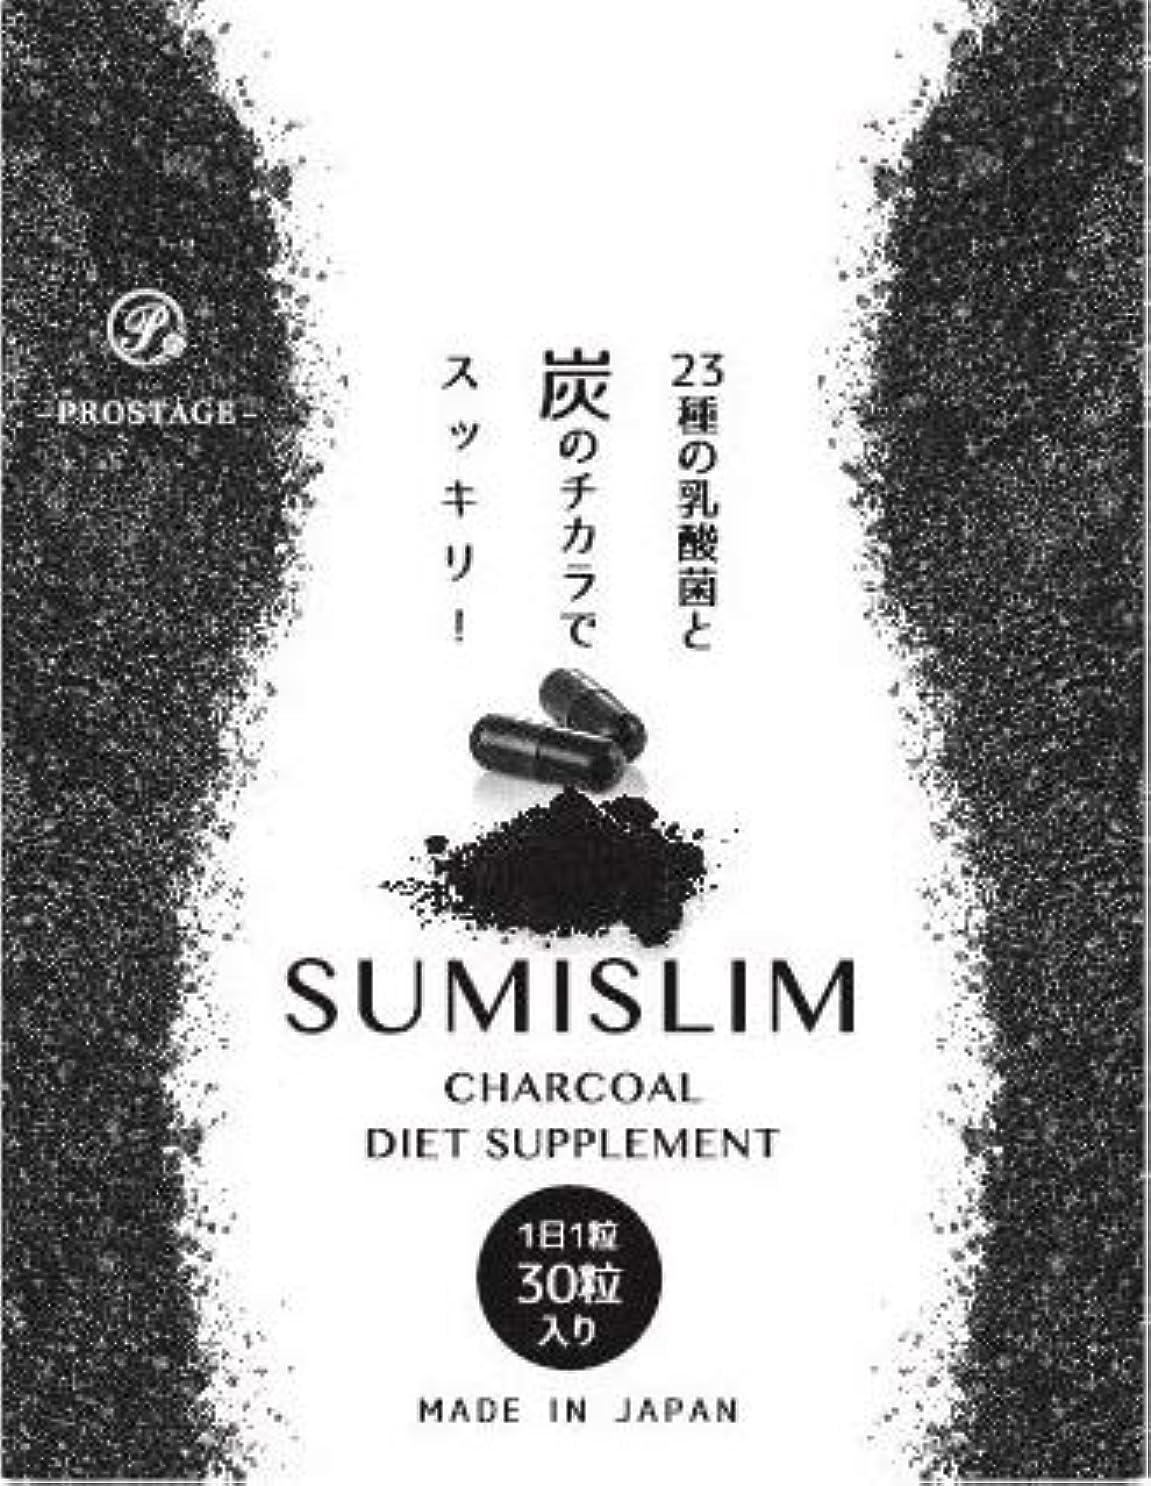 調和ほこり交換【 SUMI SLIM 】炭 ダイエット サプリメント チャコール クレンズ サプリ 国産炭 + 乳酸菌 スミ スリム 30日分